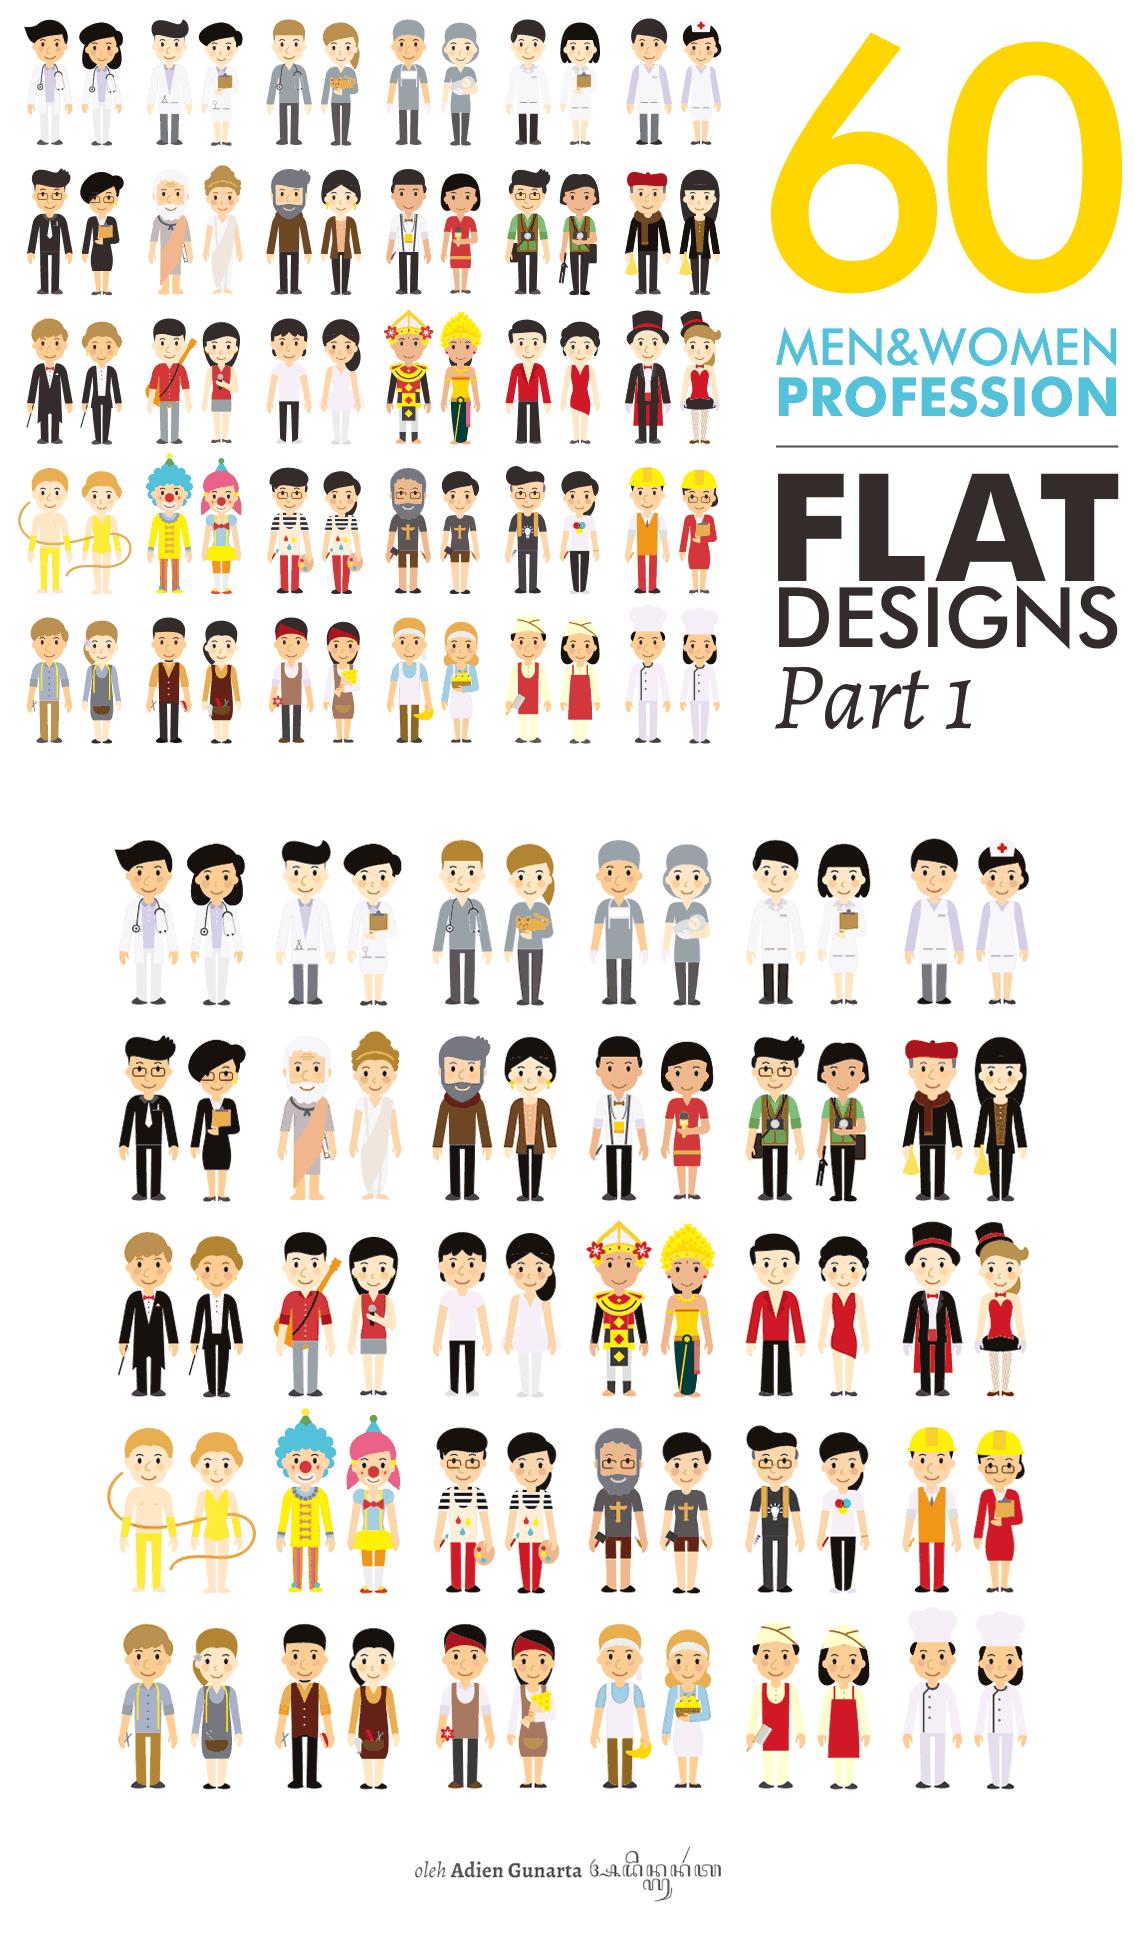 扁平化的各种特色人物卡通设计形象源文件下载[Ai]